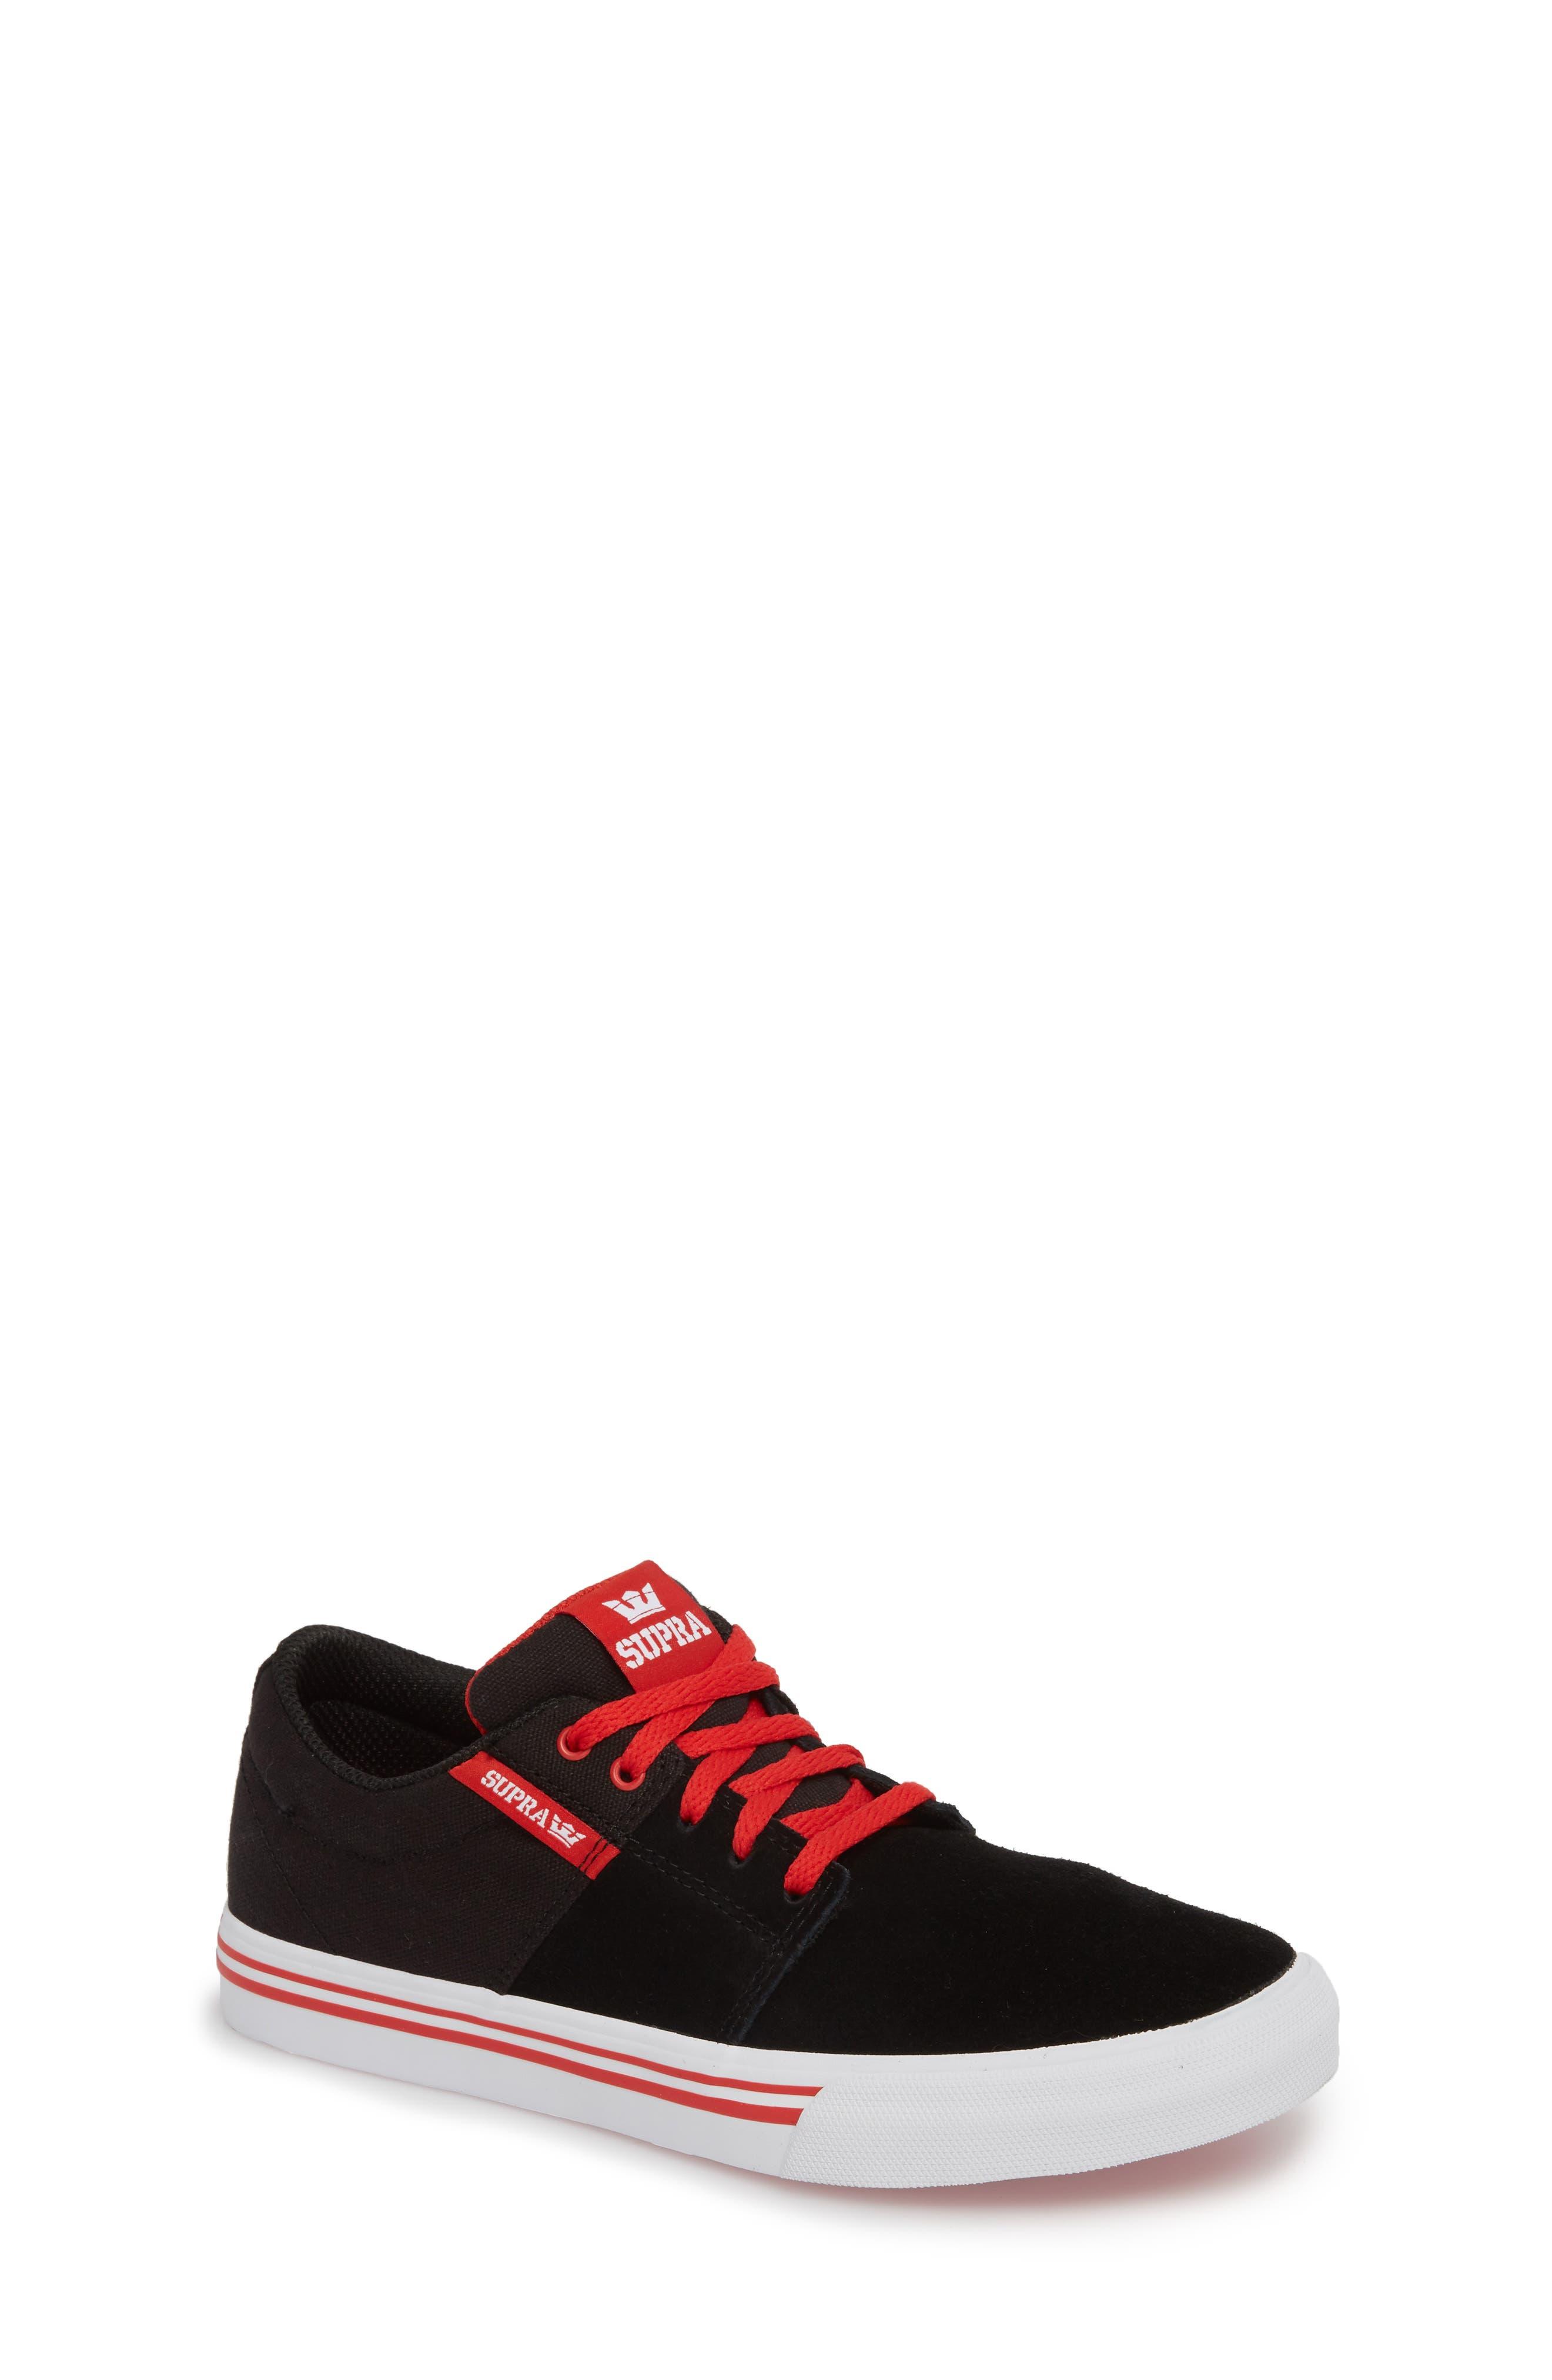 'Stacks Vulc II' Low Top Sneaker,                             Main thumbnail 1, color,                             002